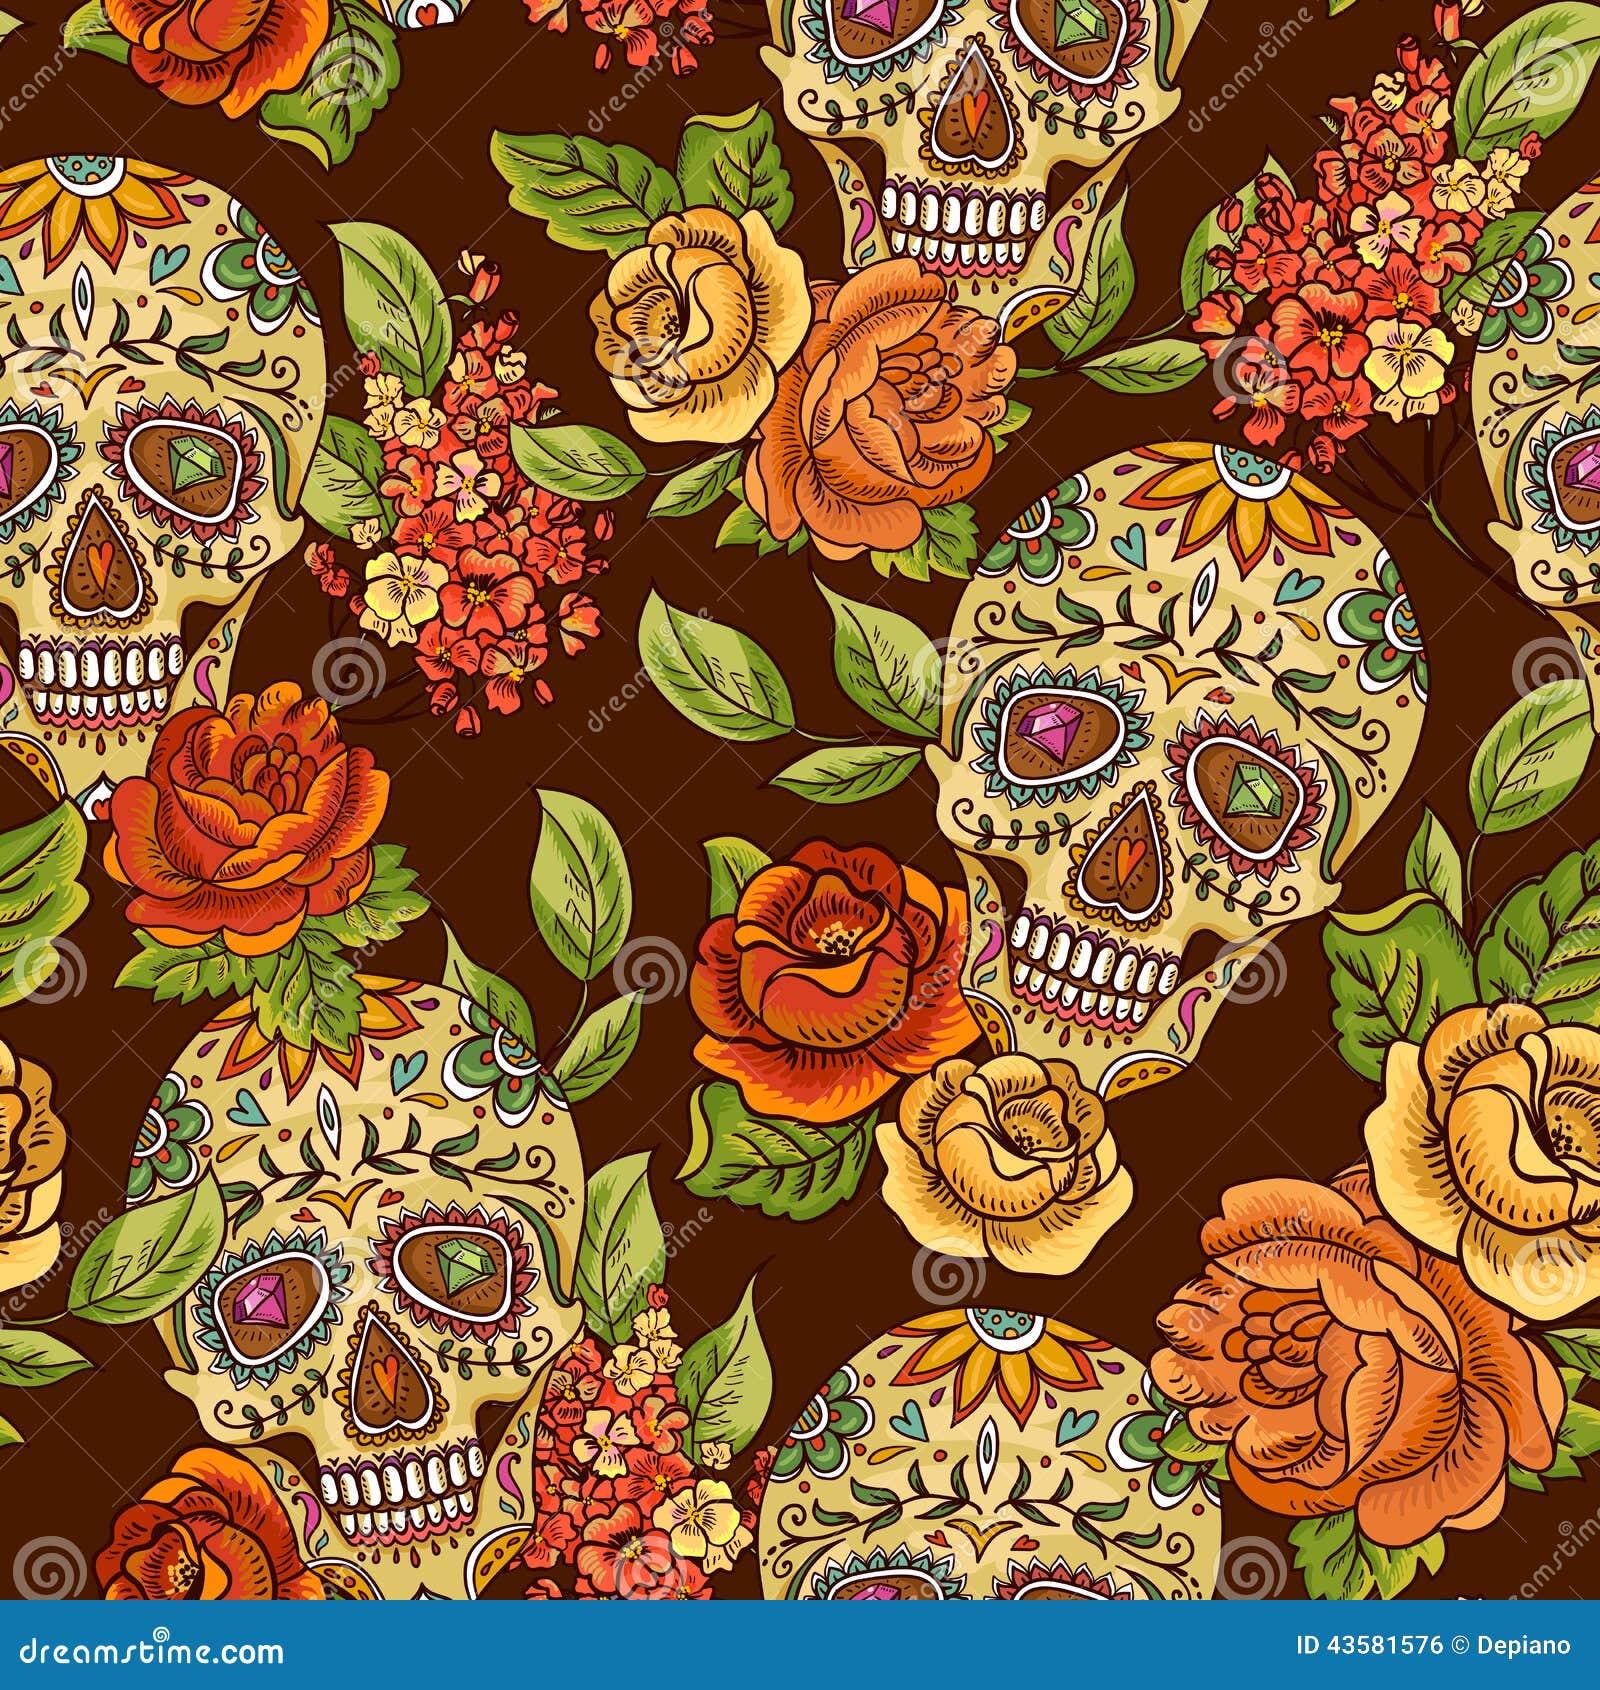 Floral Skull Backgrounds Tumblr Download